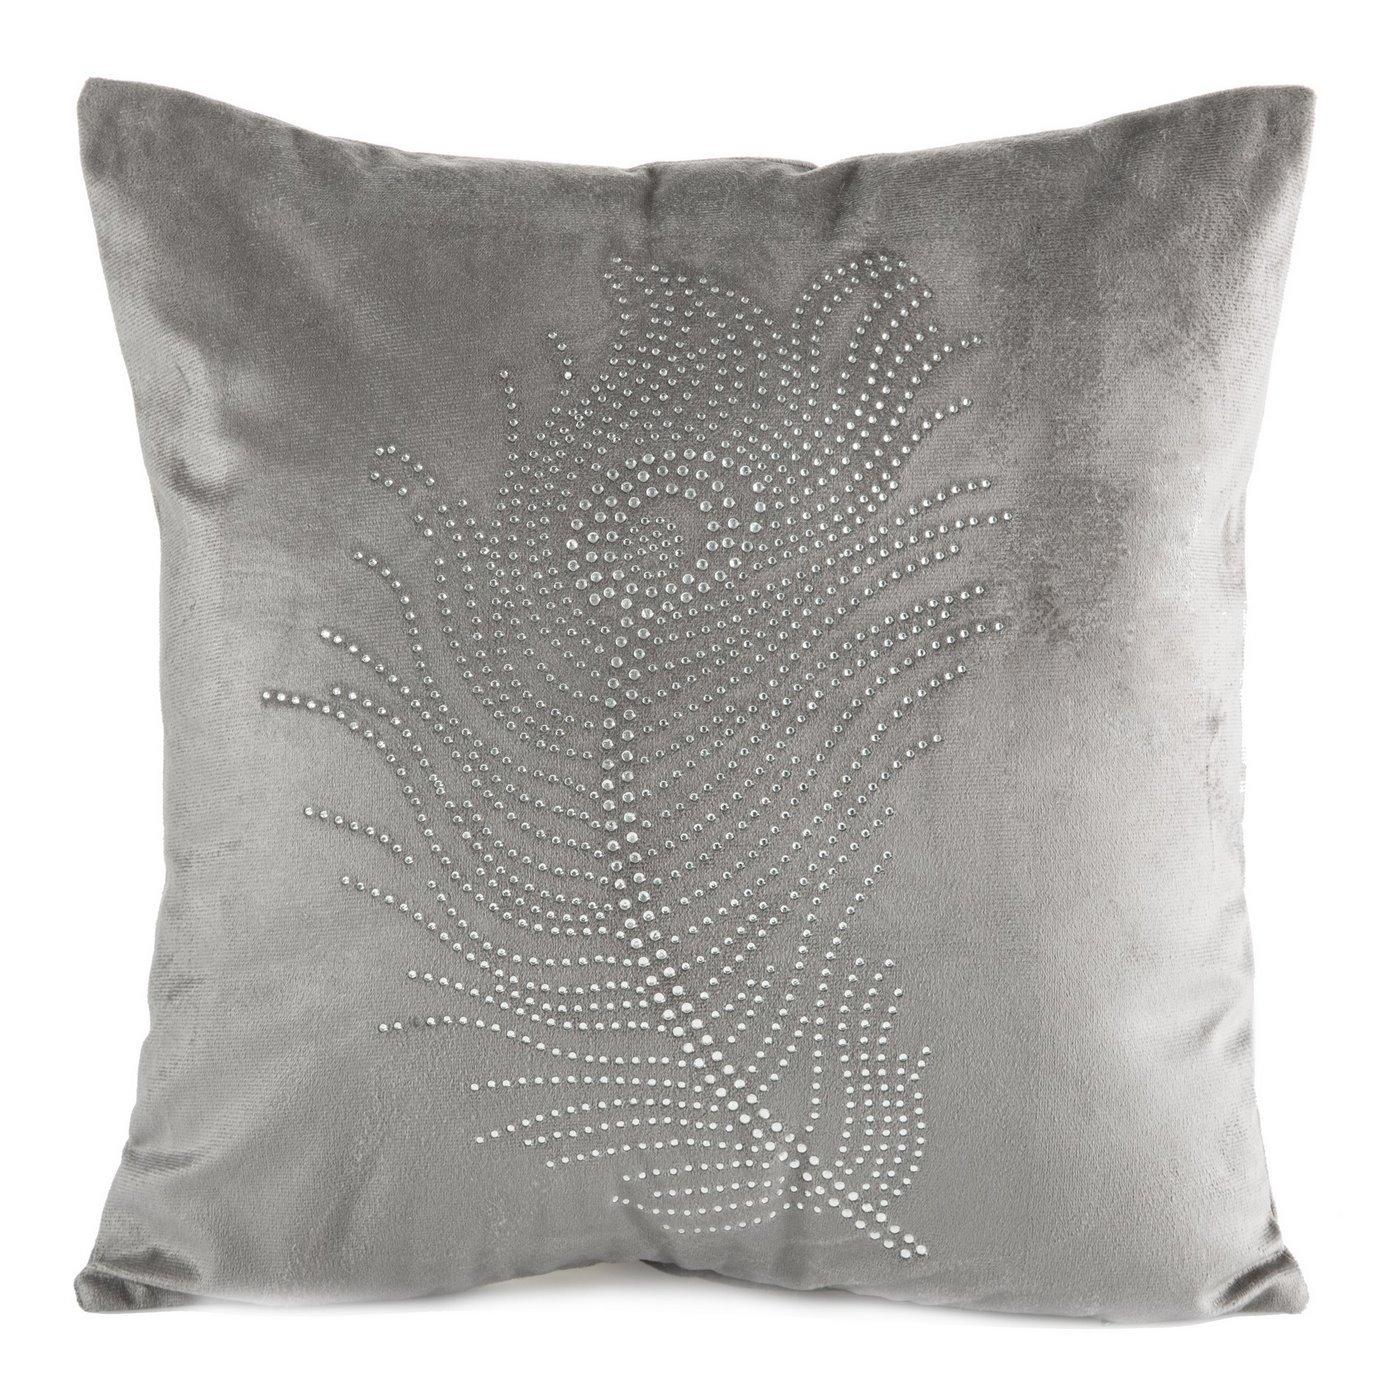 Poszewka na poduszkę 40 x 40 cm szara pióro